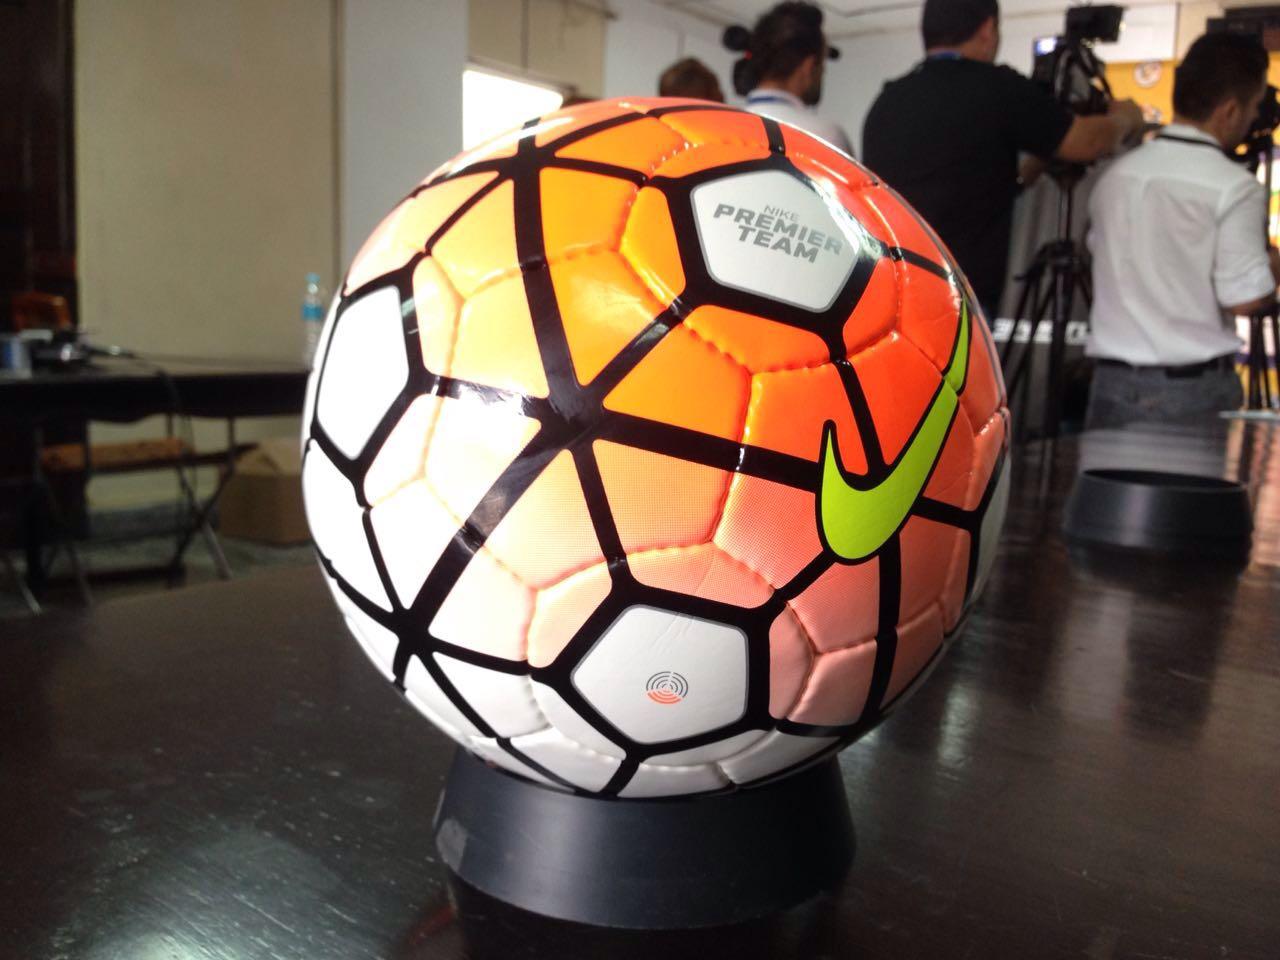 d17e8f01d388d Nike Premier team es el nombre del nuevo balón que usará la Liga Nacional  (LNP para el 2016 2017. Foto LNP